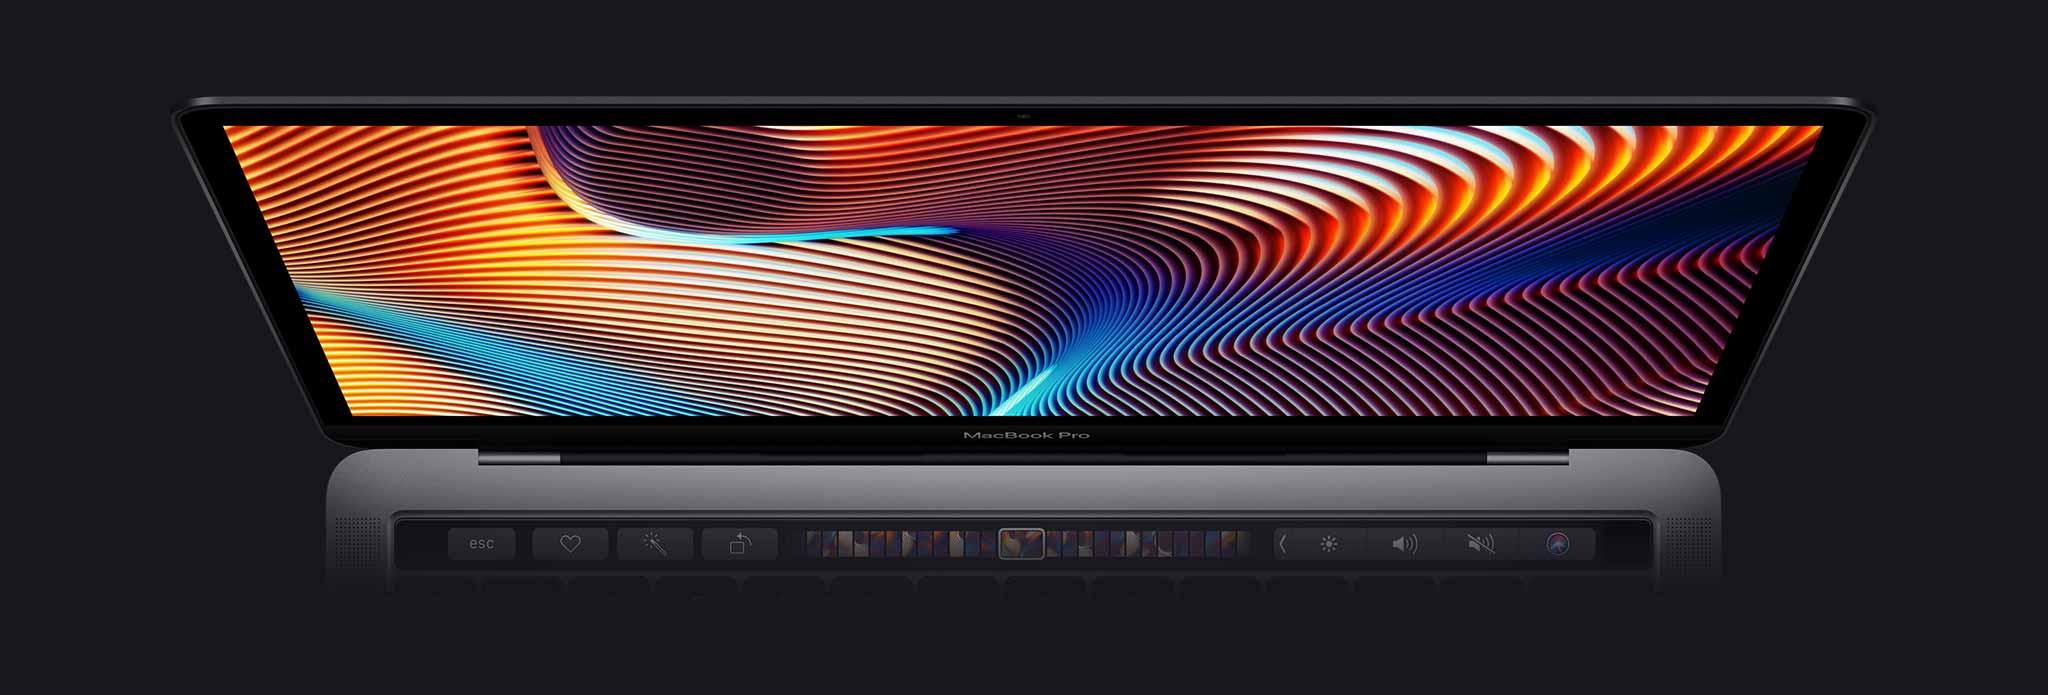 Apple MacBook Pro - Best Buy